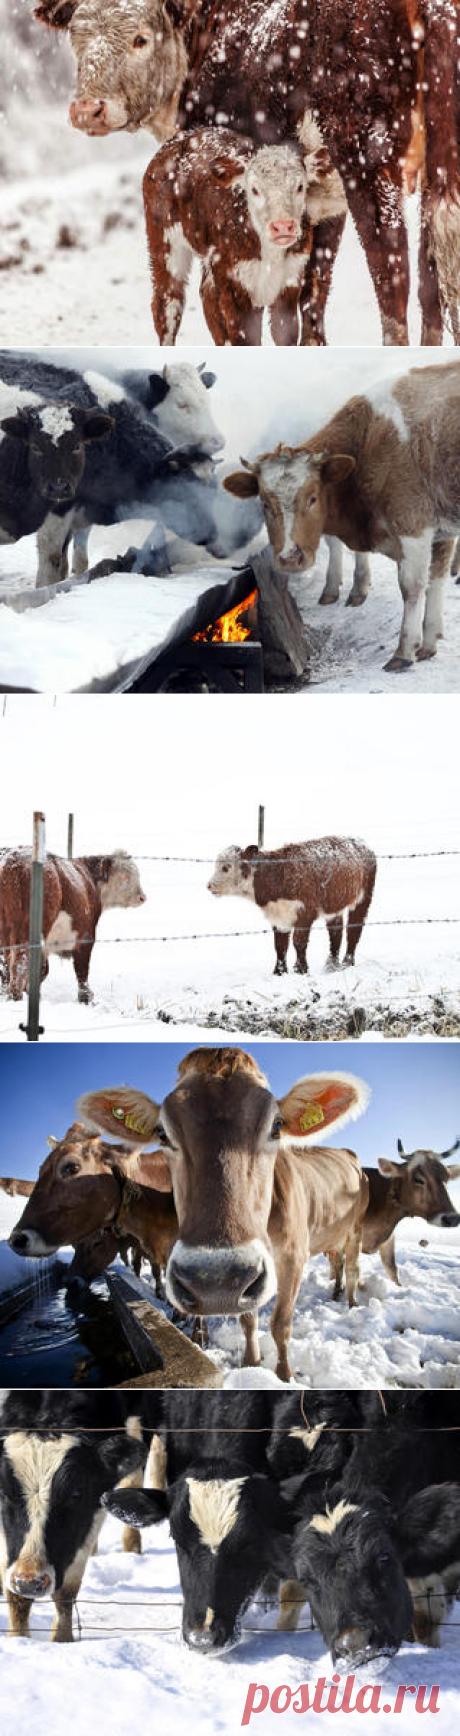 Смотреть изображения коров | Зооляндия